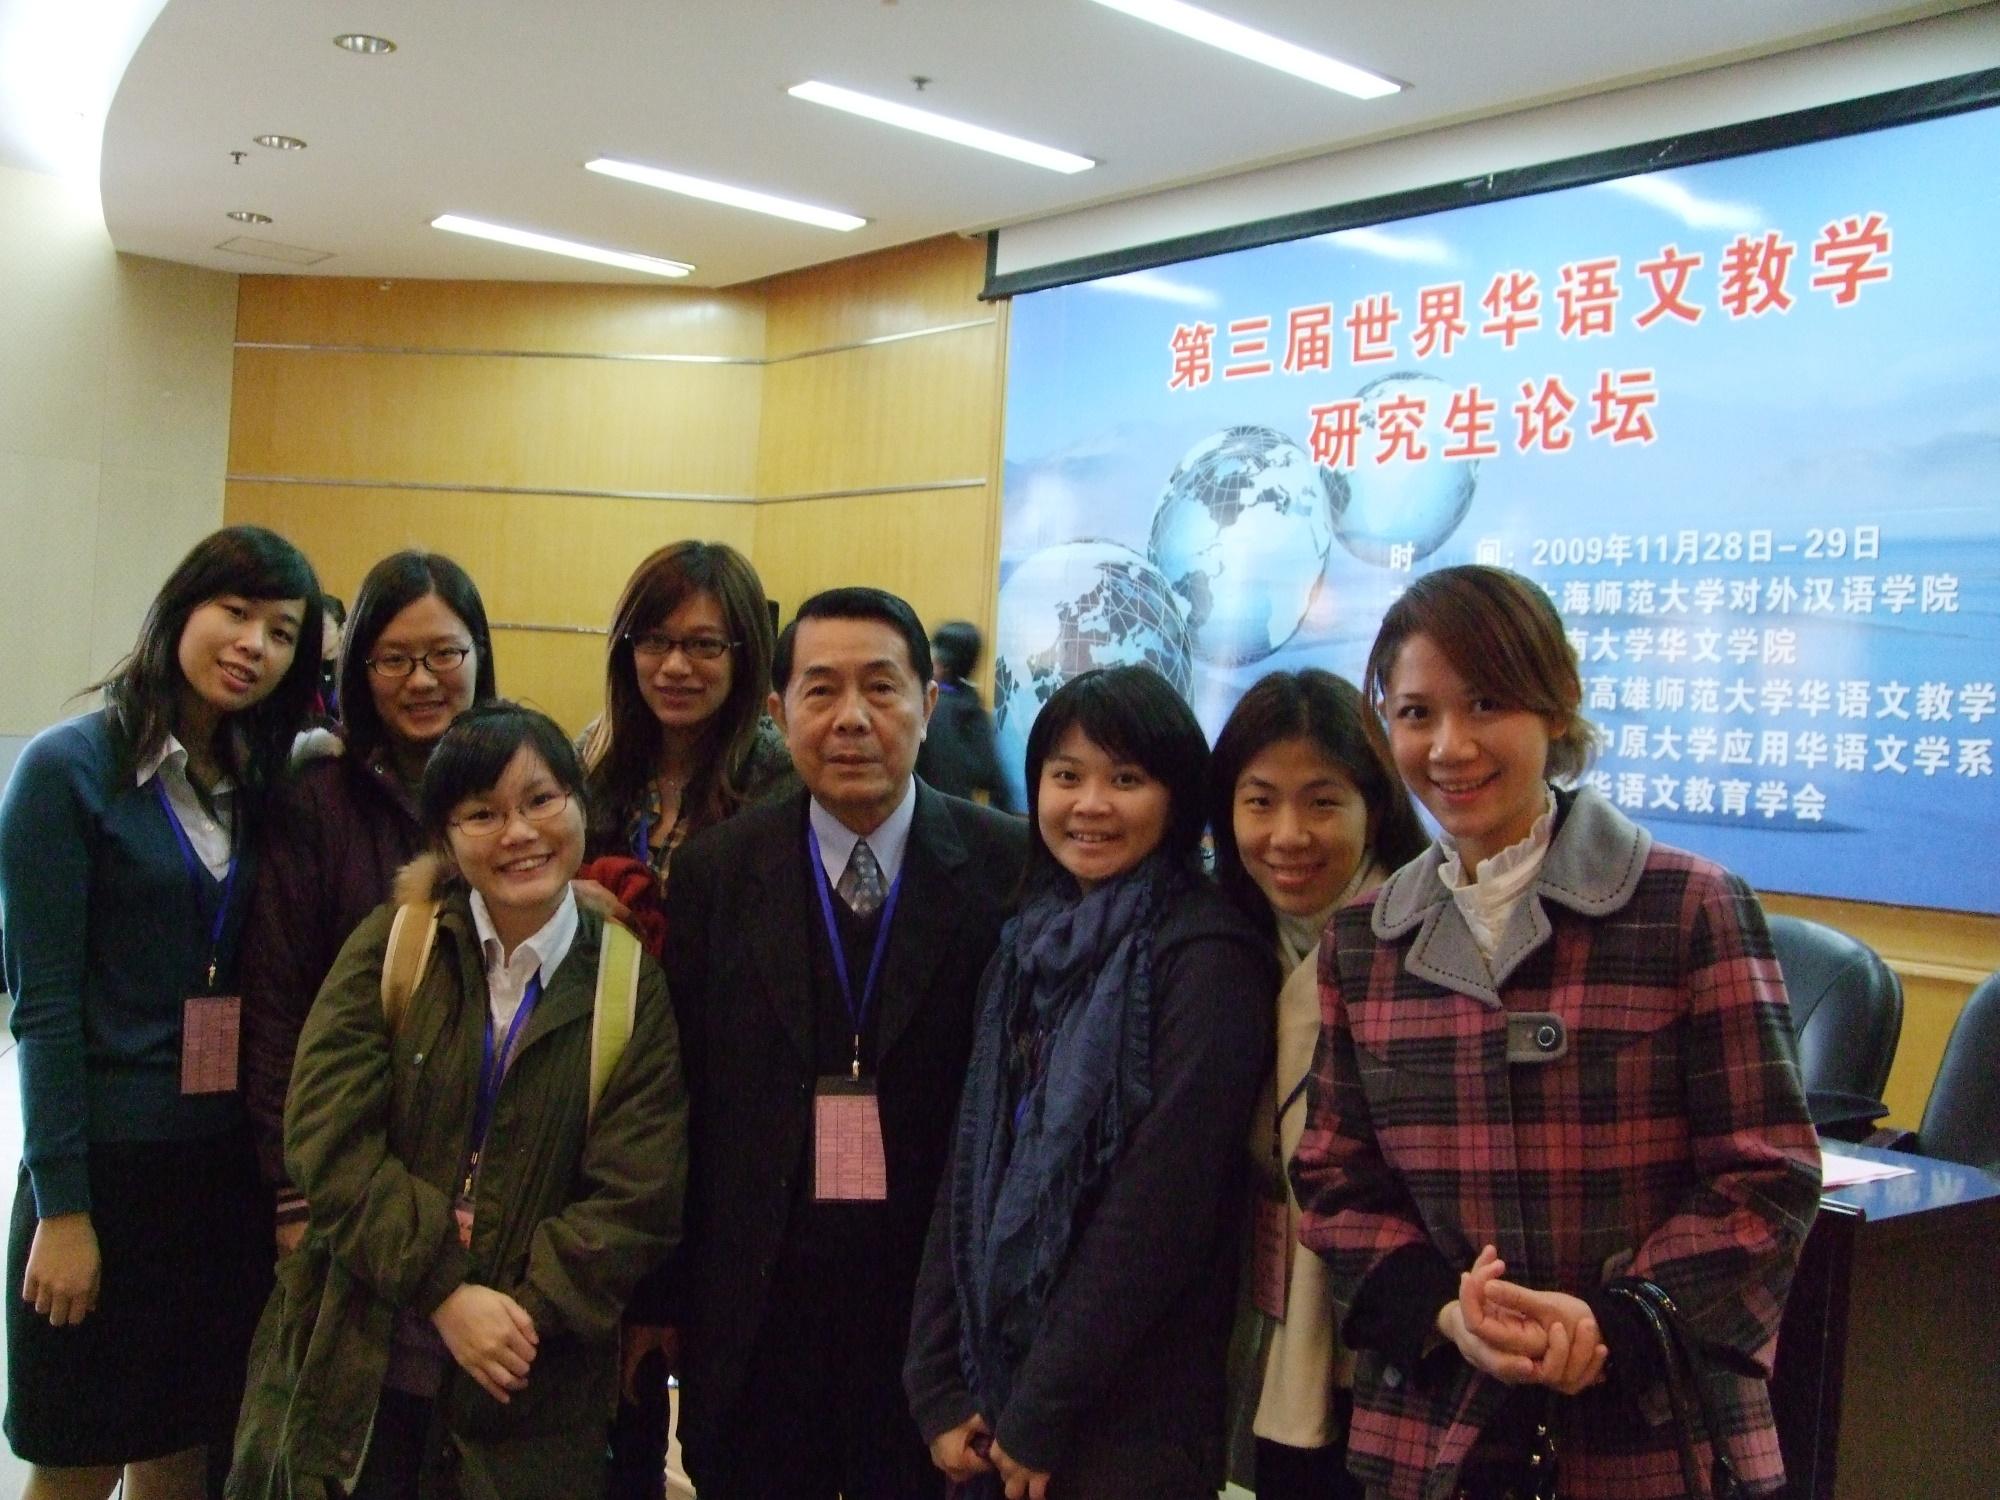 世界華語文教學研究生論壇 應華系贏得3獎項